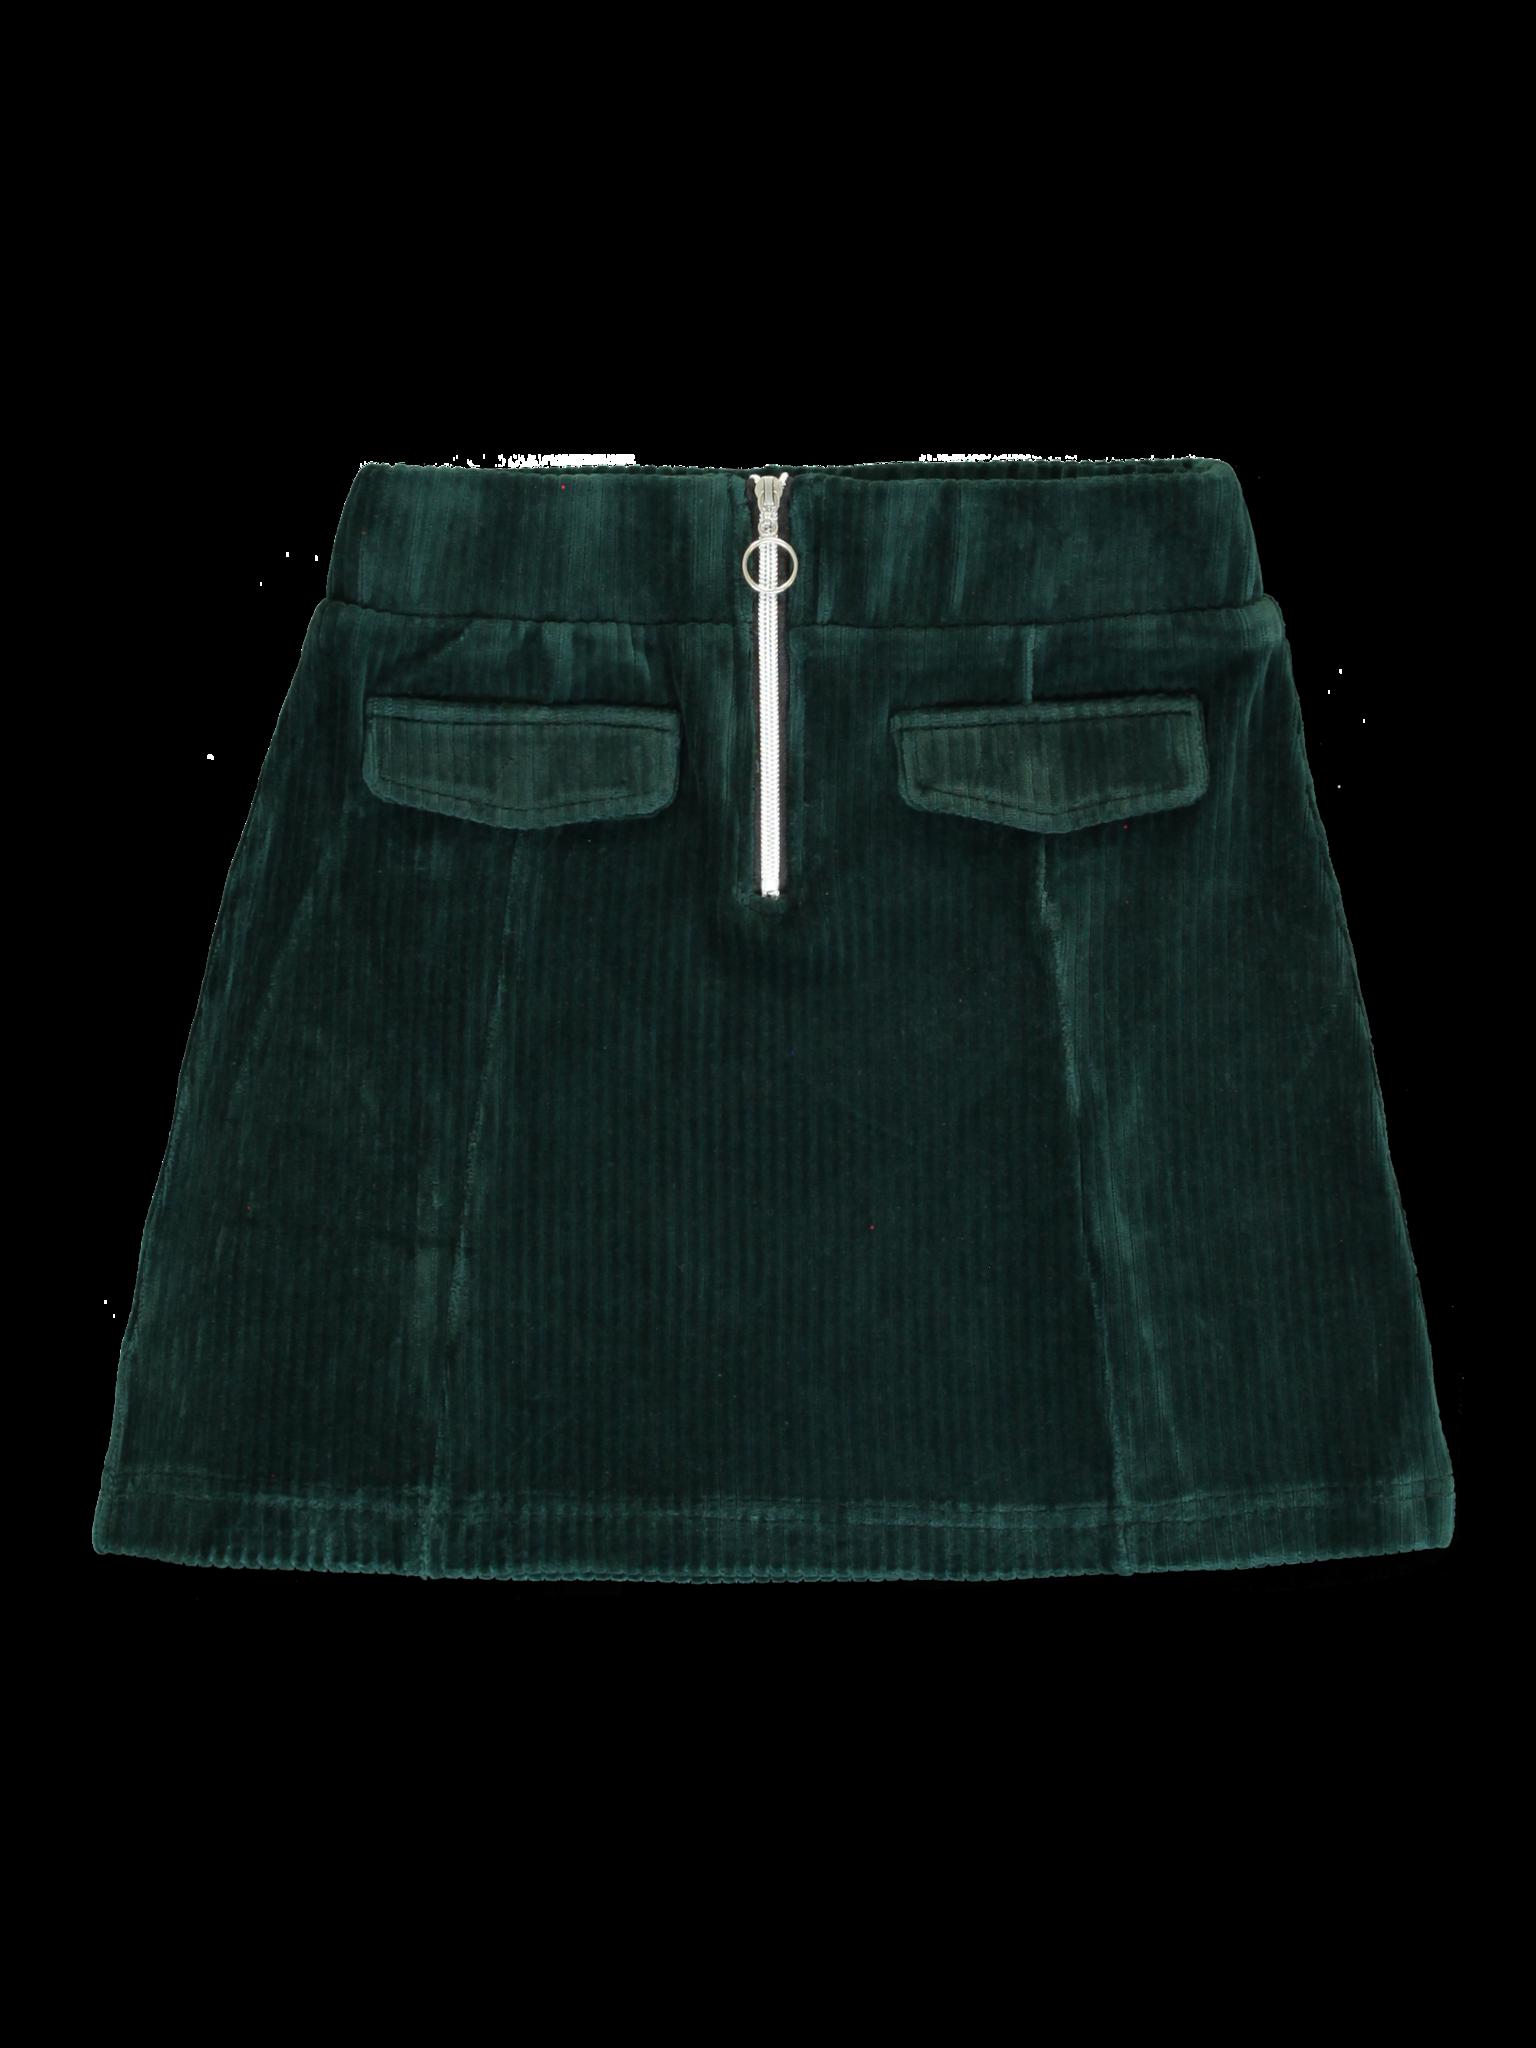 All Brands | Winterproducts Teen Girls | Skirt | 12 pcs/box